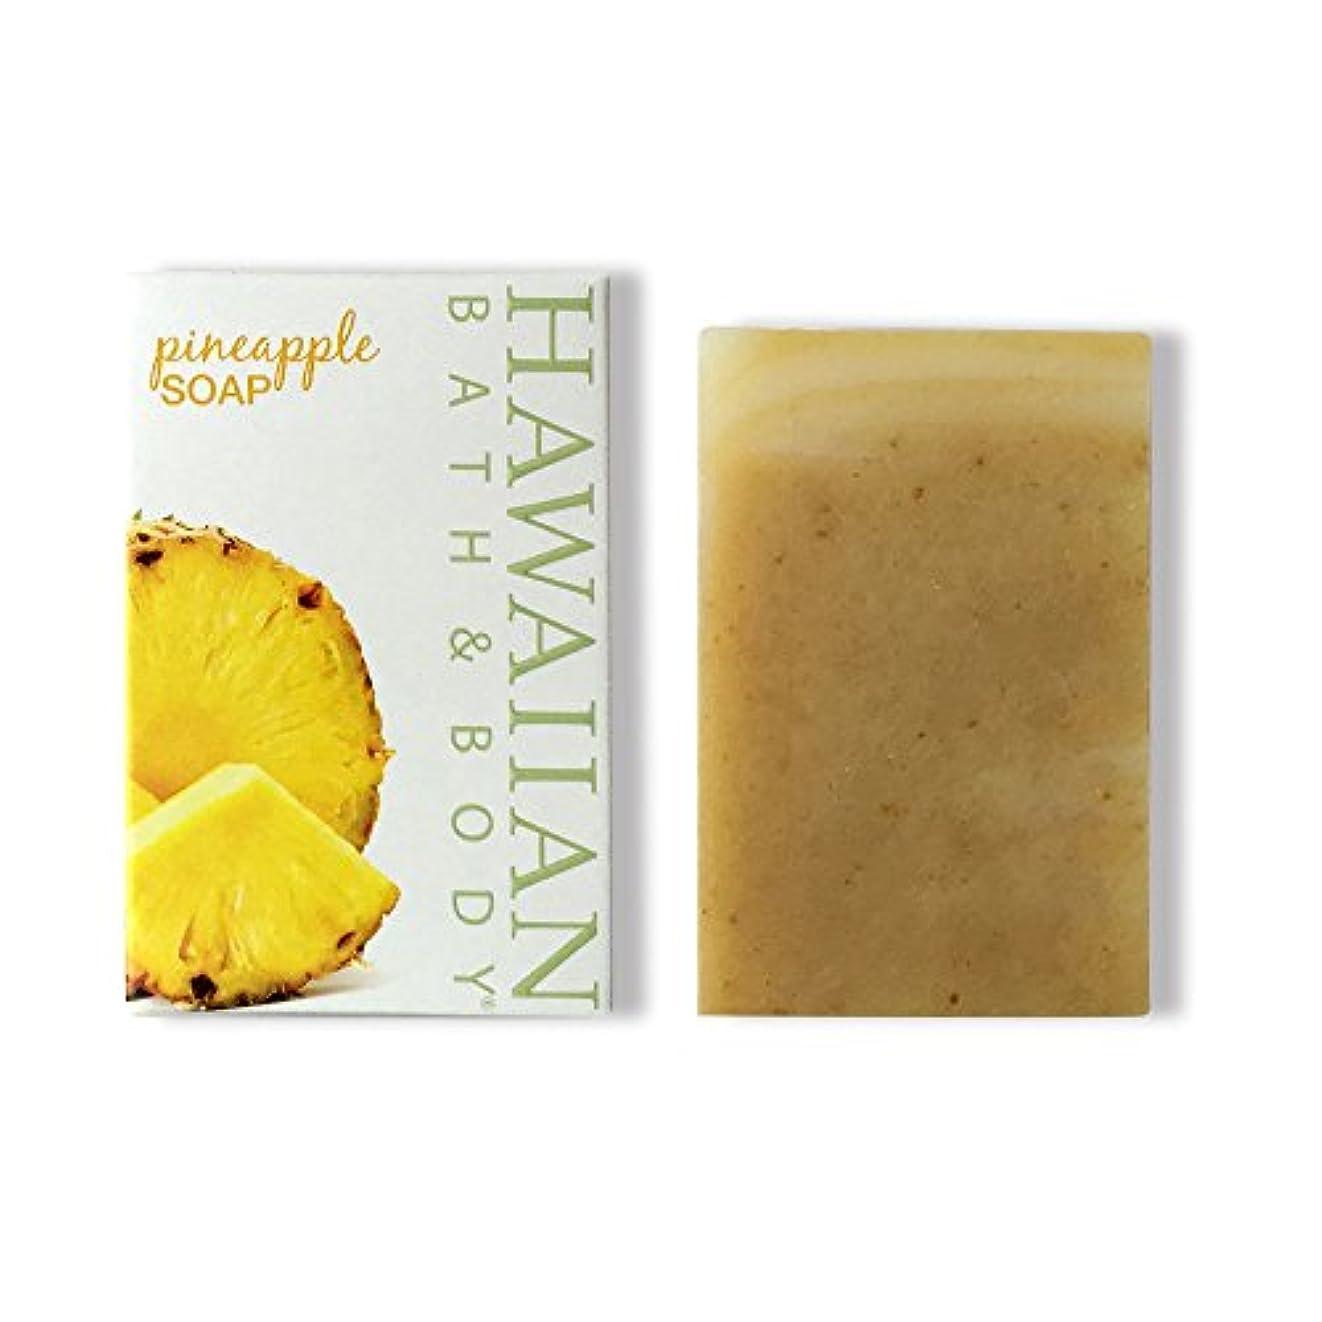 ハワイアンバス&ボディ ハワイ?パイナップルソープ ( Pineapple Soap )